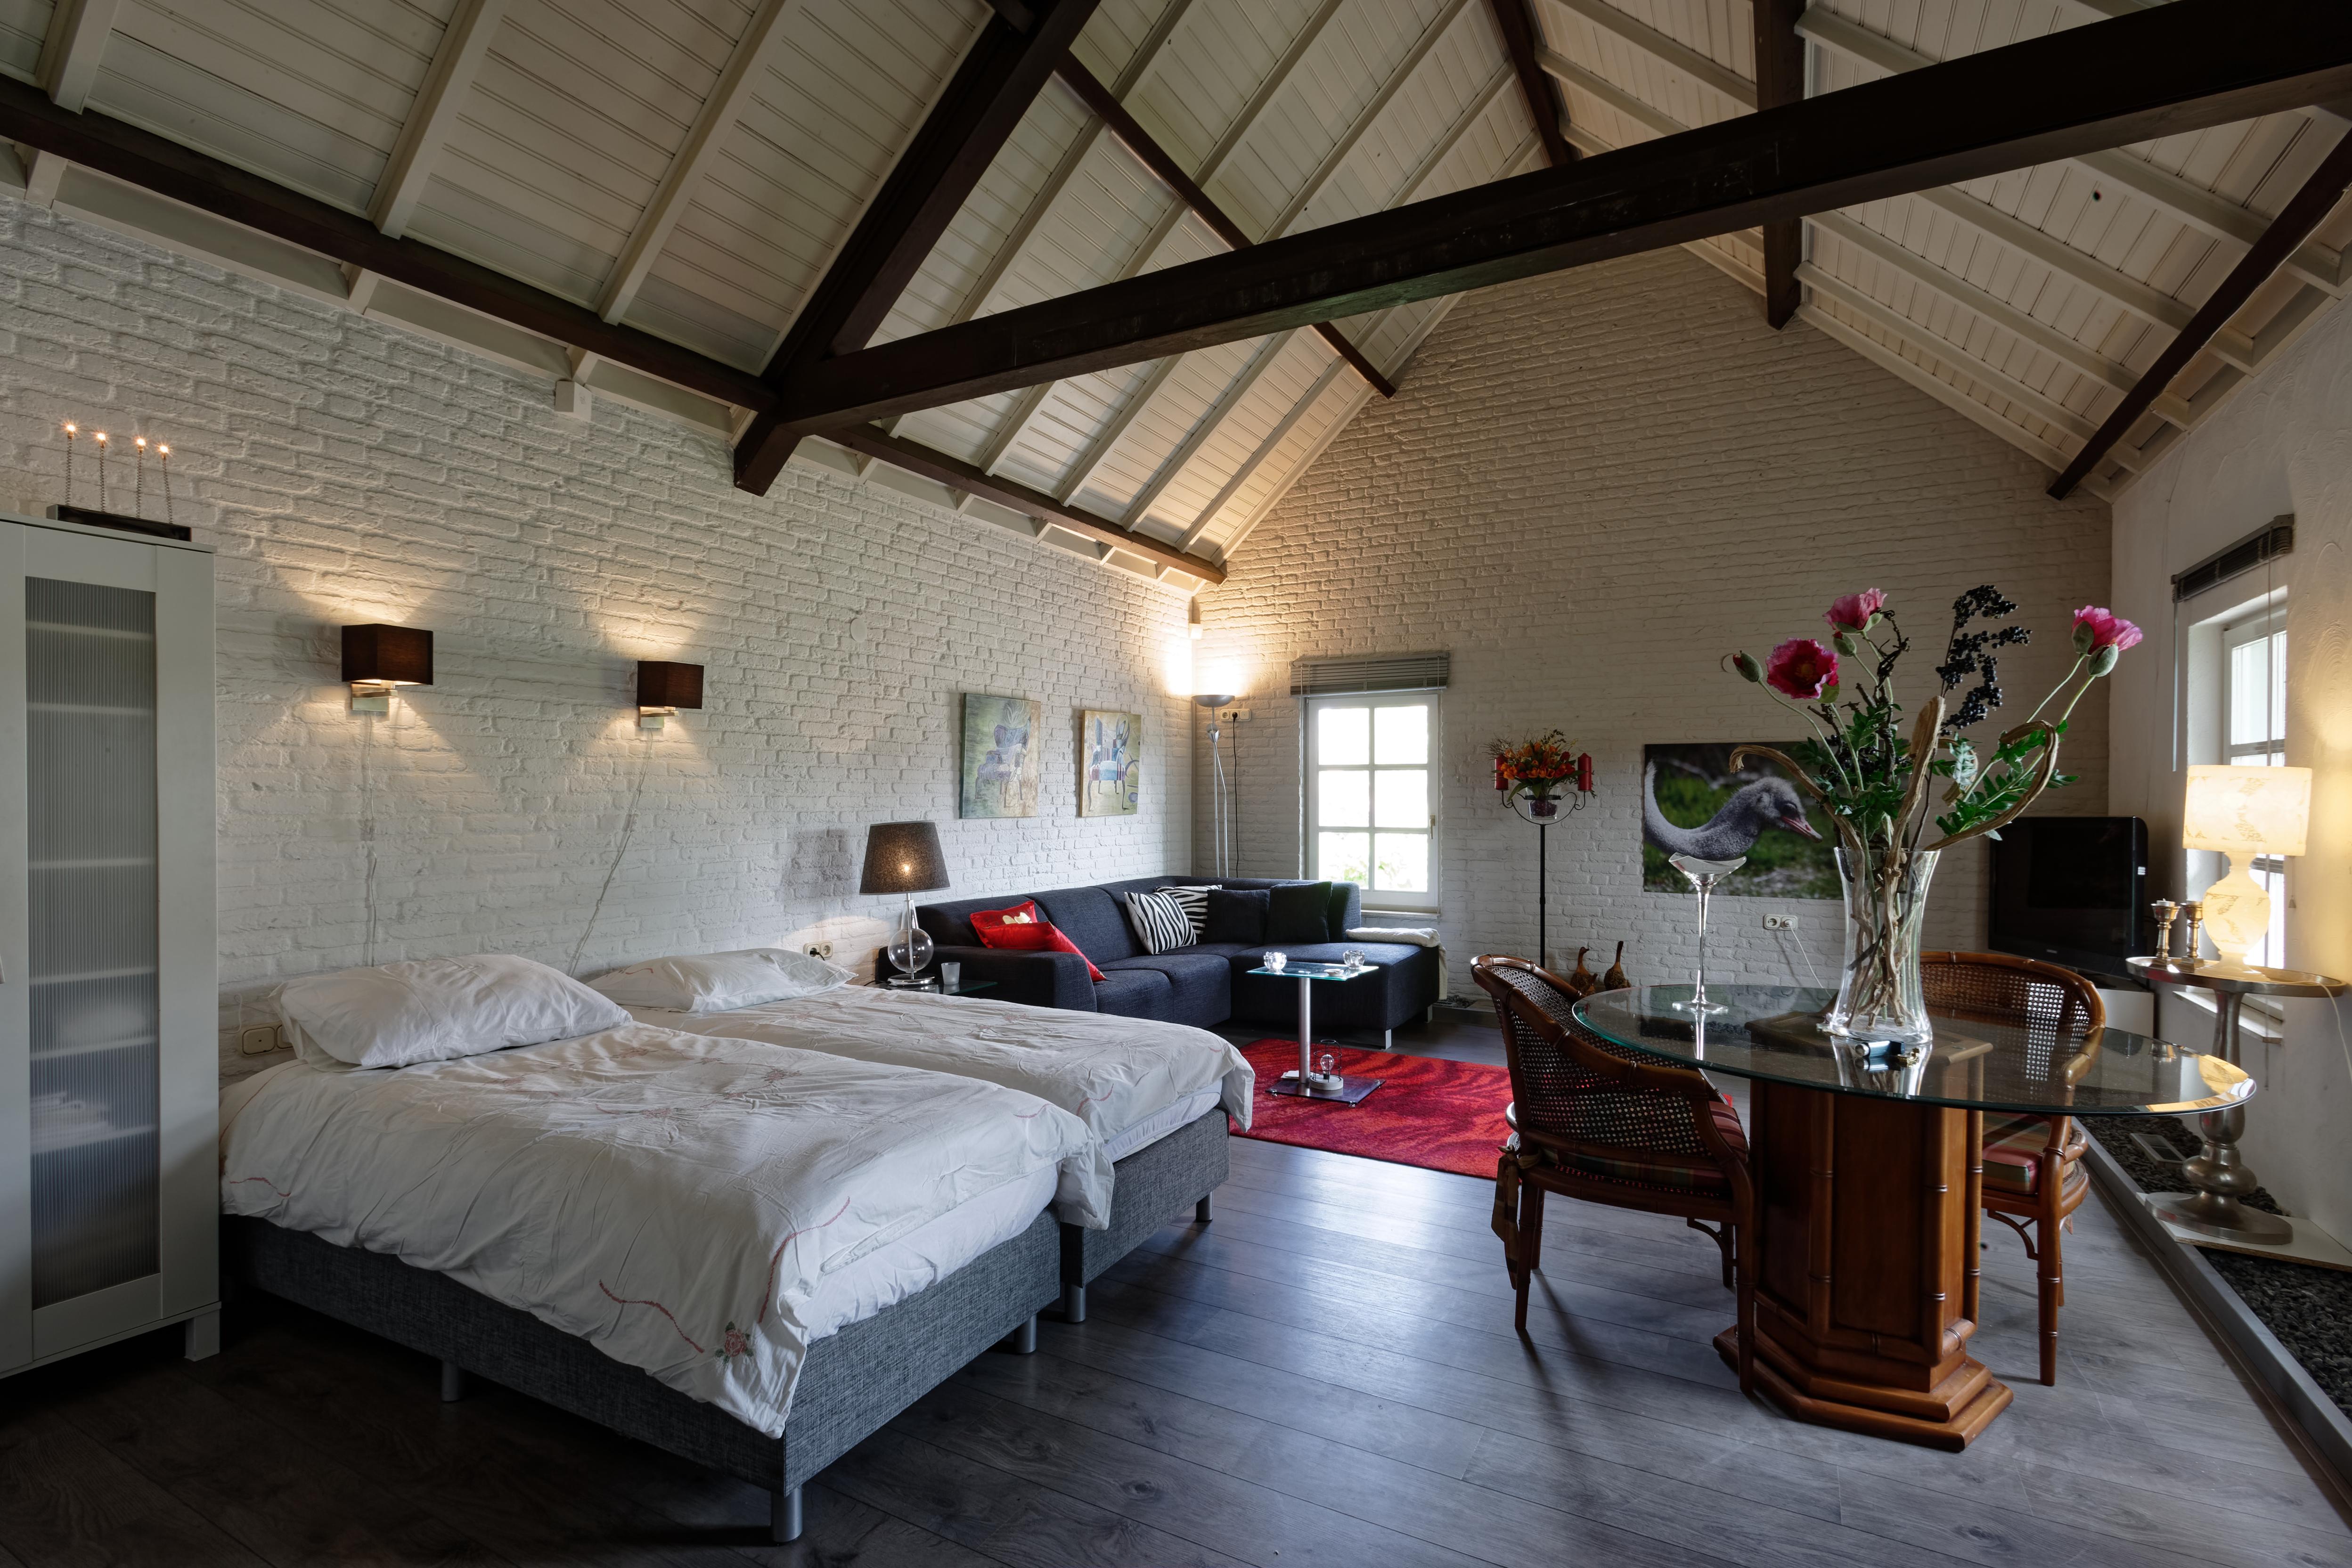 Zimmer zu vermieten mit eigenem Eingang Wohnzimmer und Bad